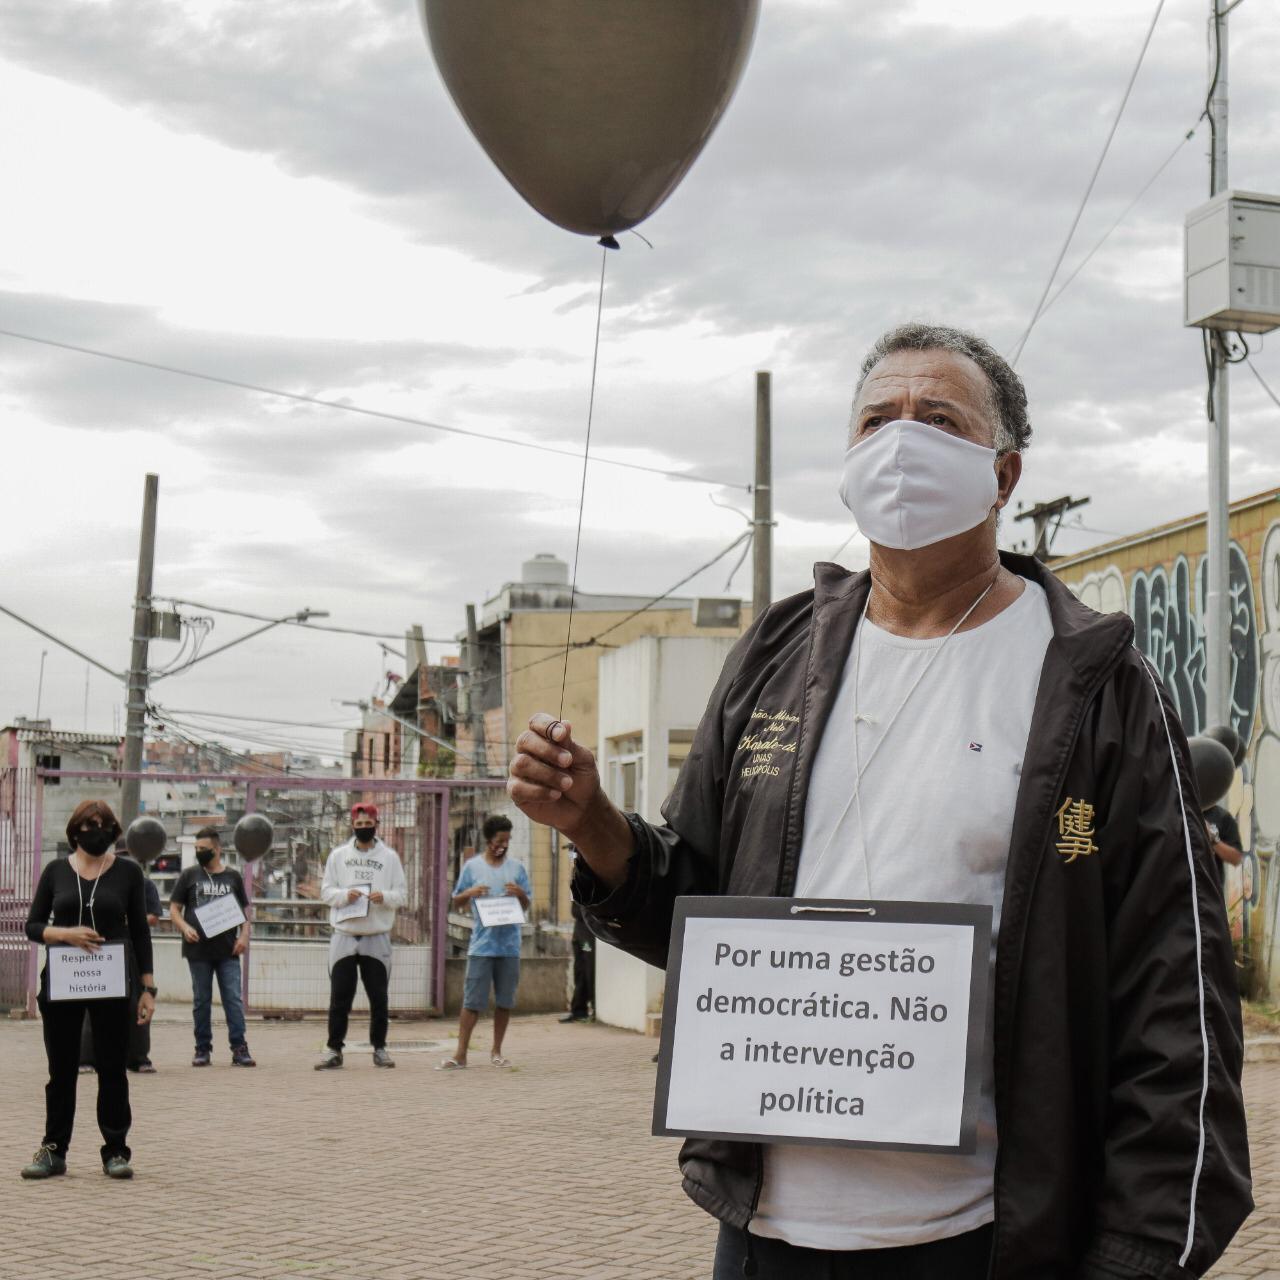 manifestante contra a exoneração da gestão